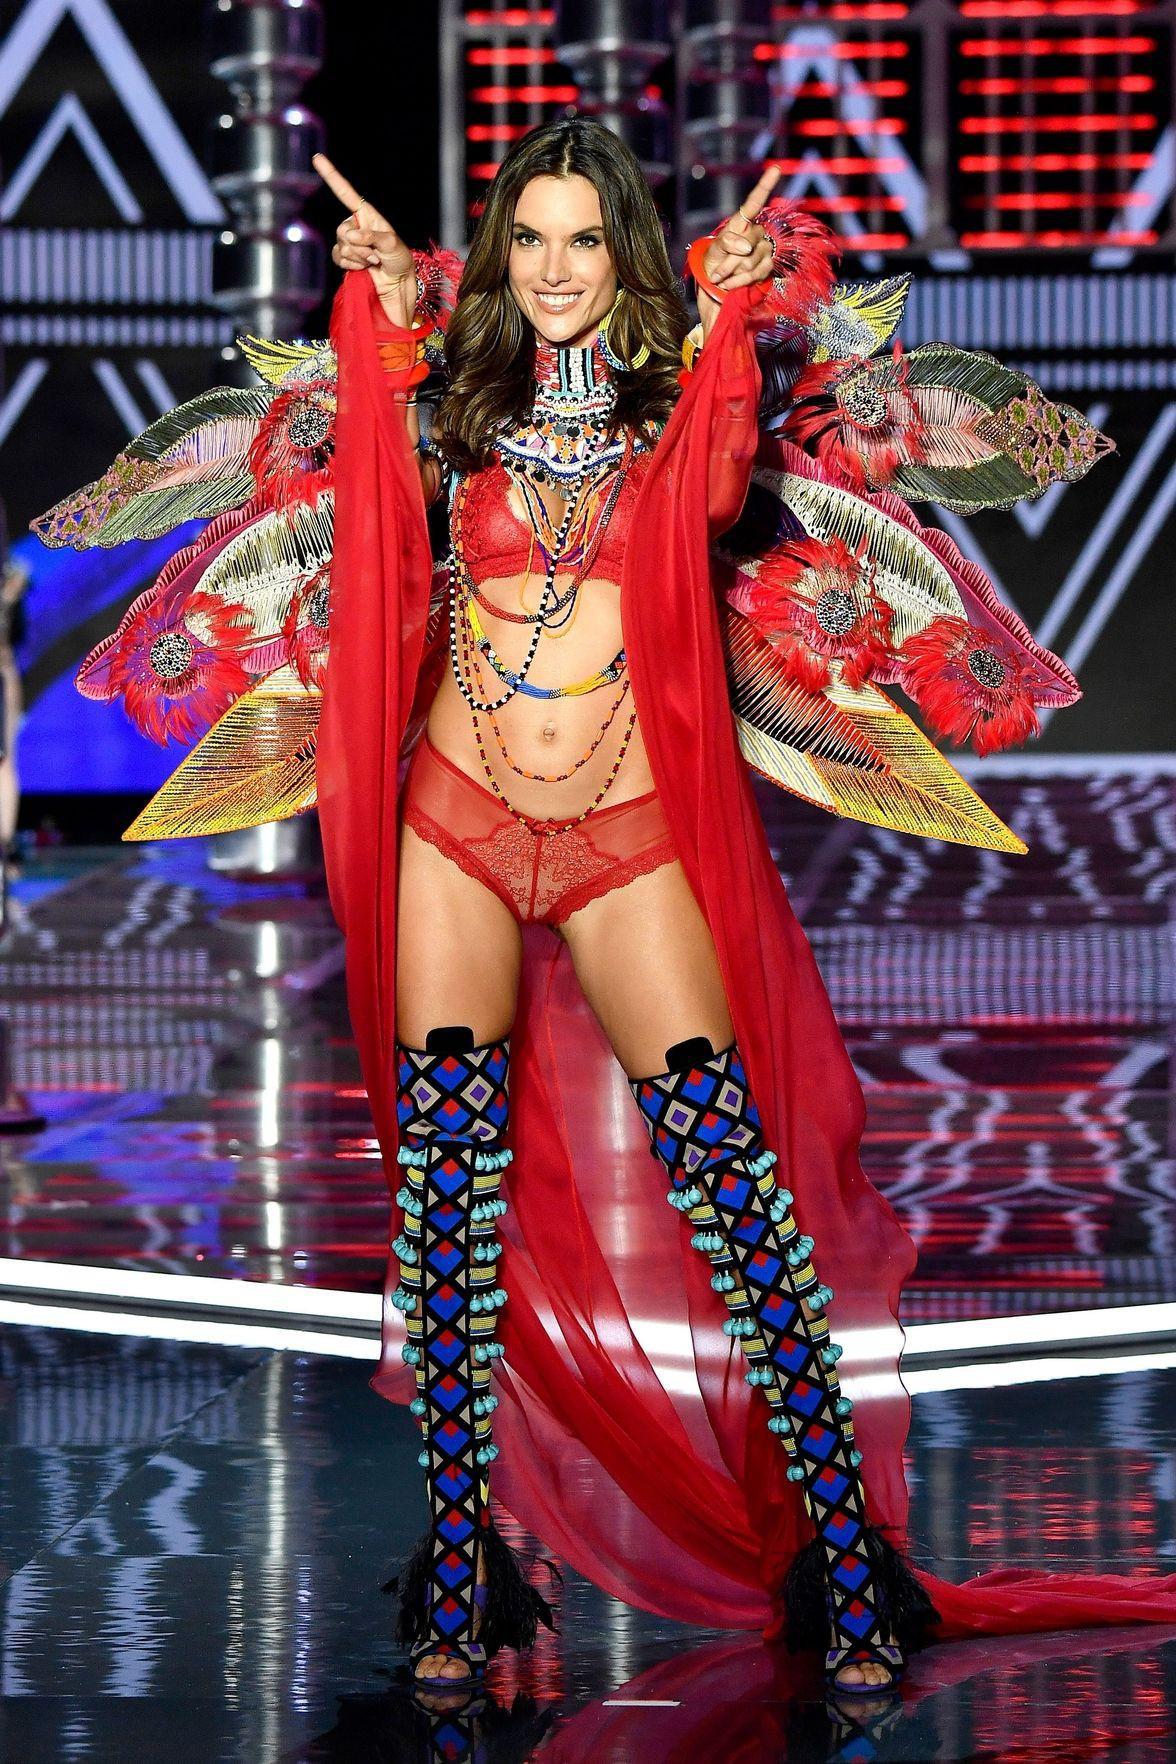 Victorias Secret Fashion Show 2017 bị chỉ trích vì phát sóng nguyên màn vồ ếch của Ming Xi và bạc bẽo với thiên thần kỳ cựu - Ảnh 3.